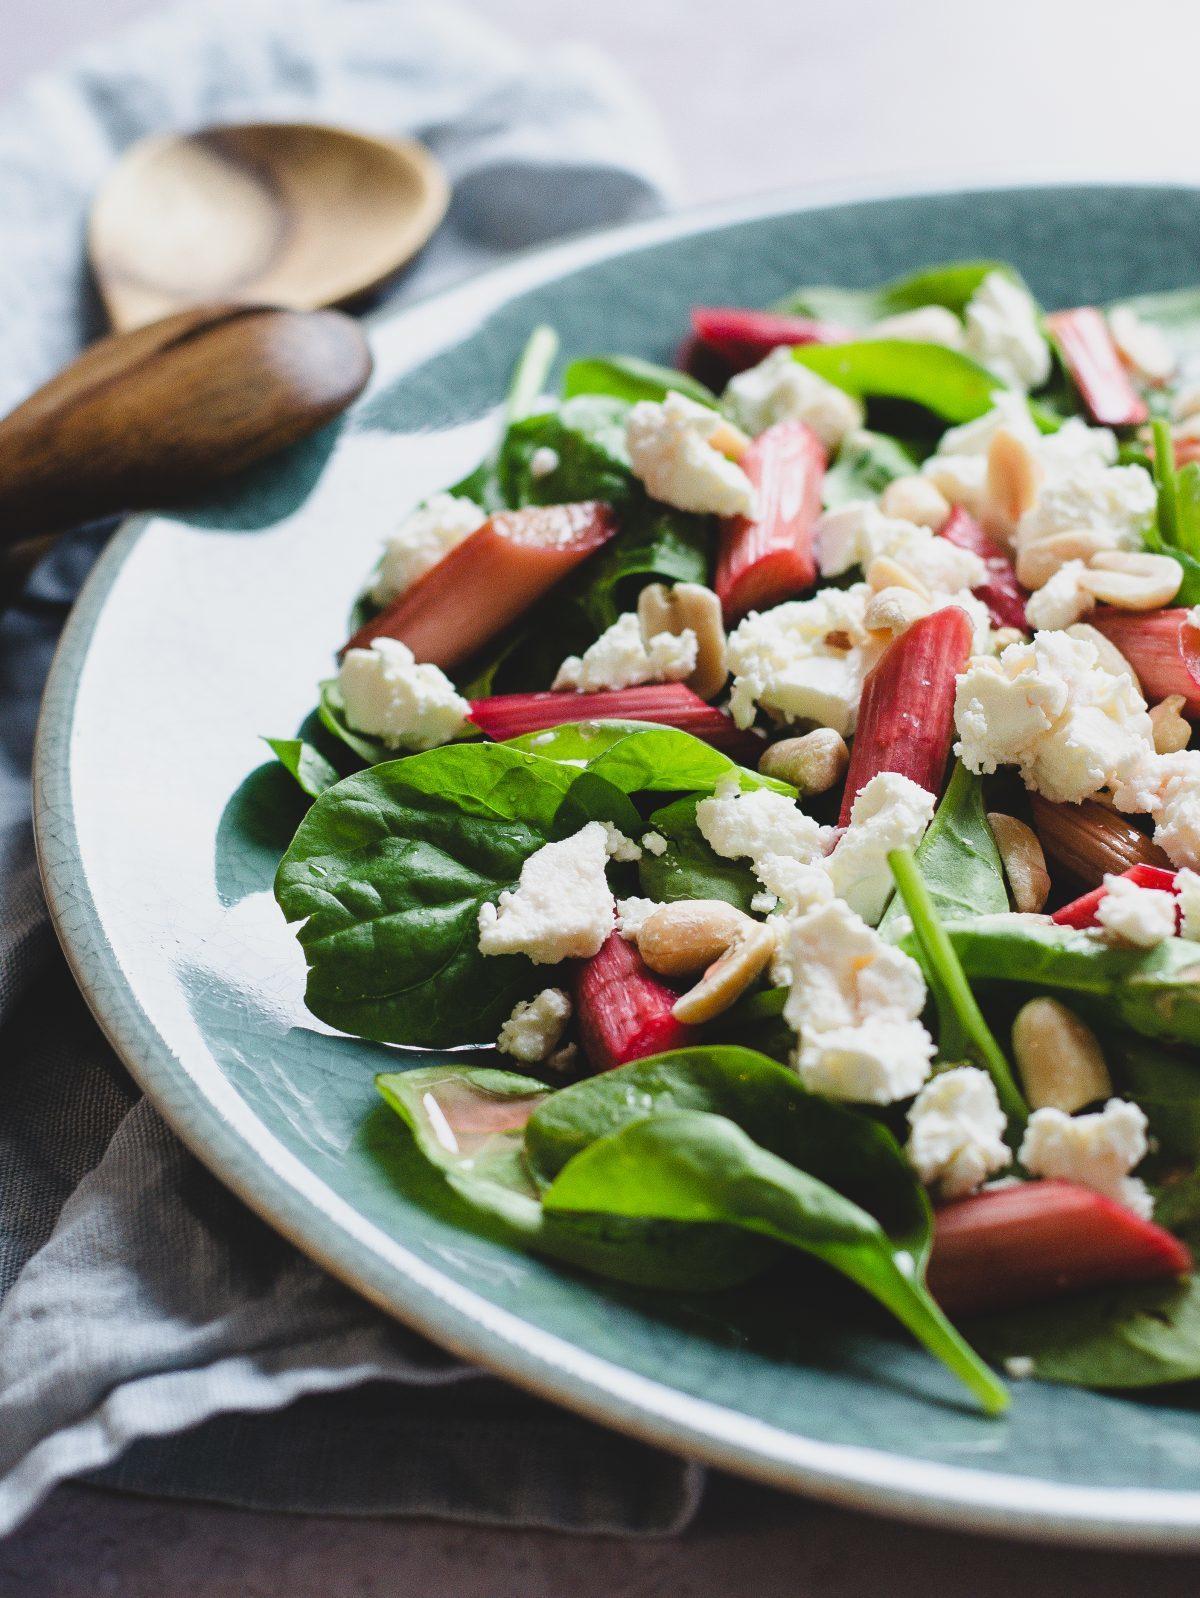 Lun salat med rabarber, spinat og feta